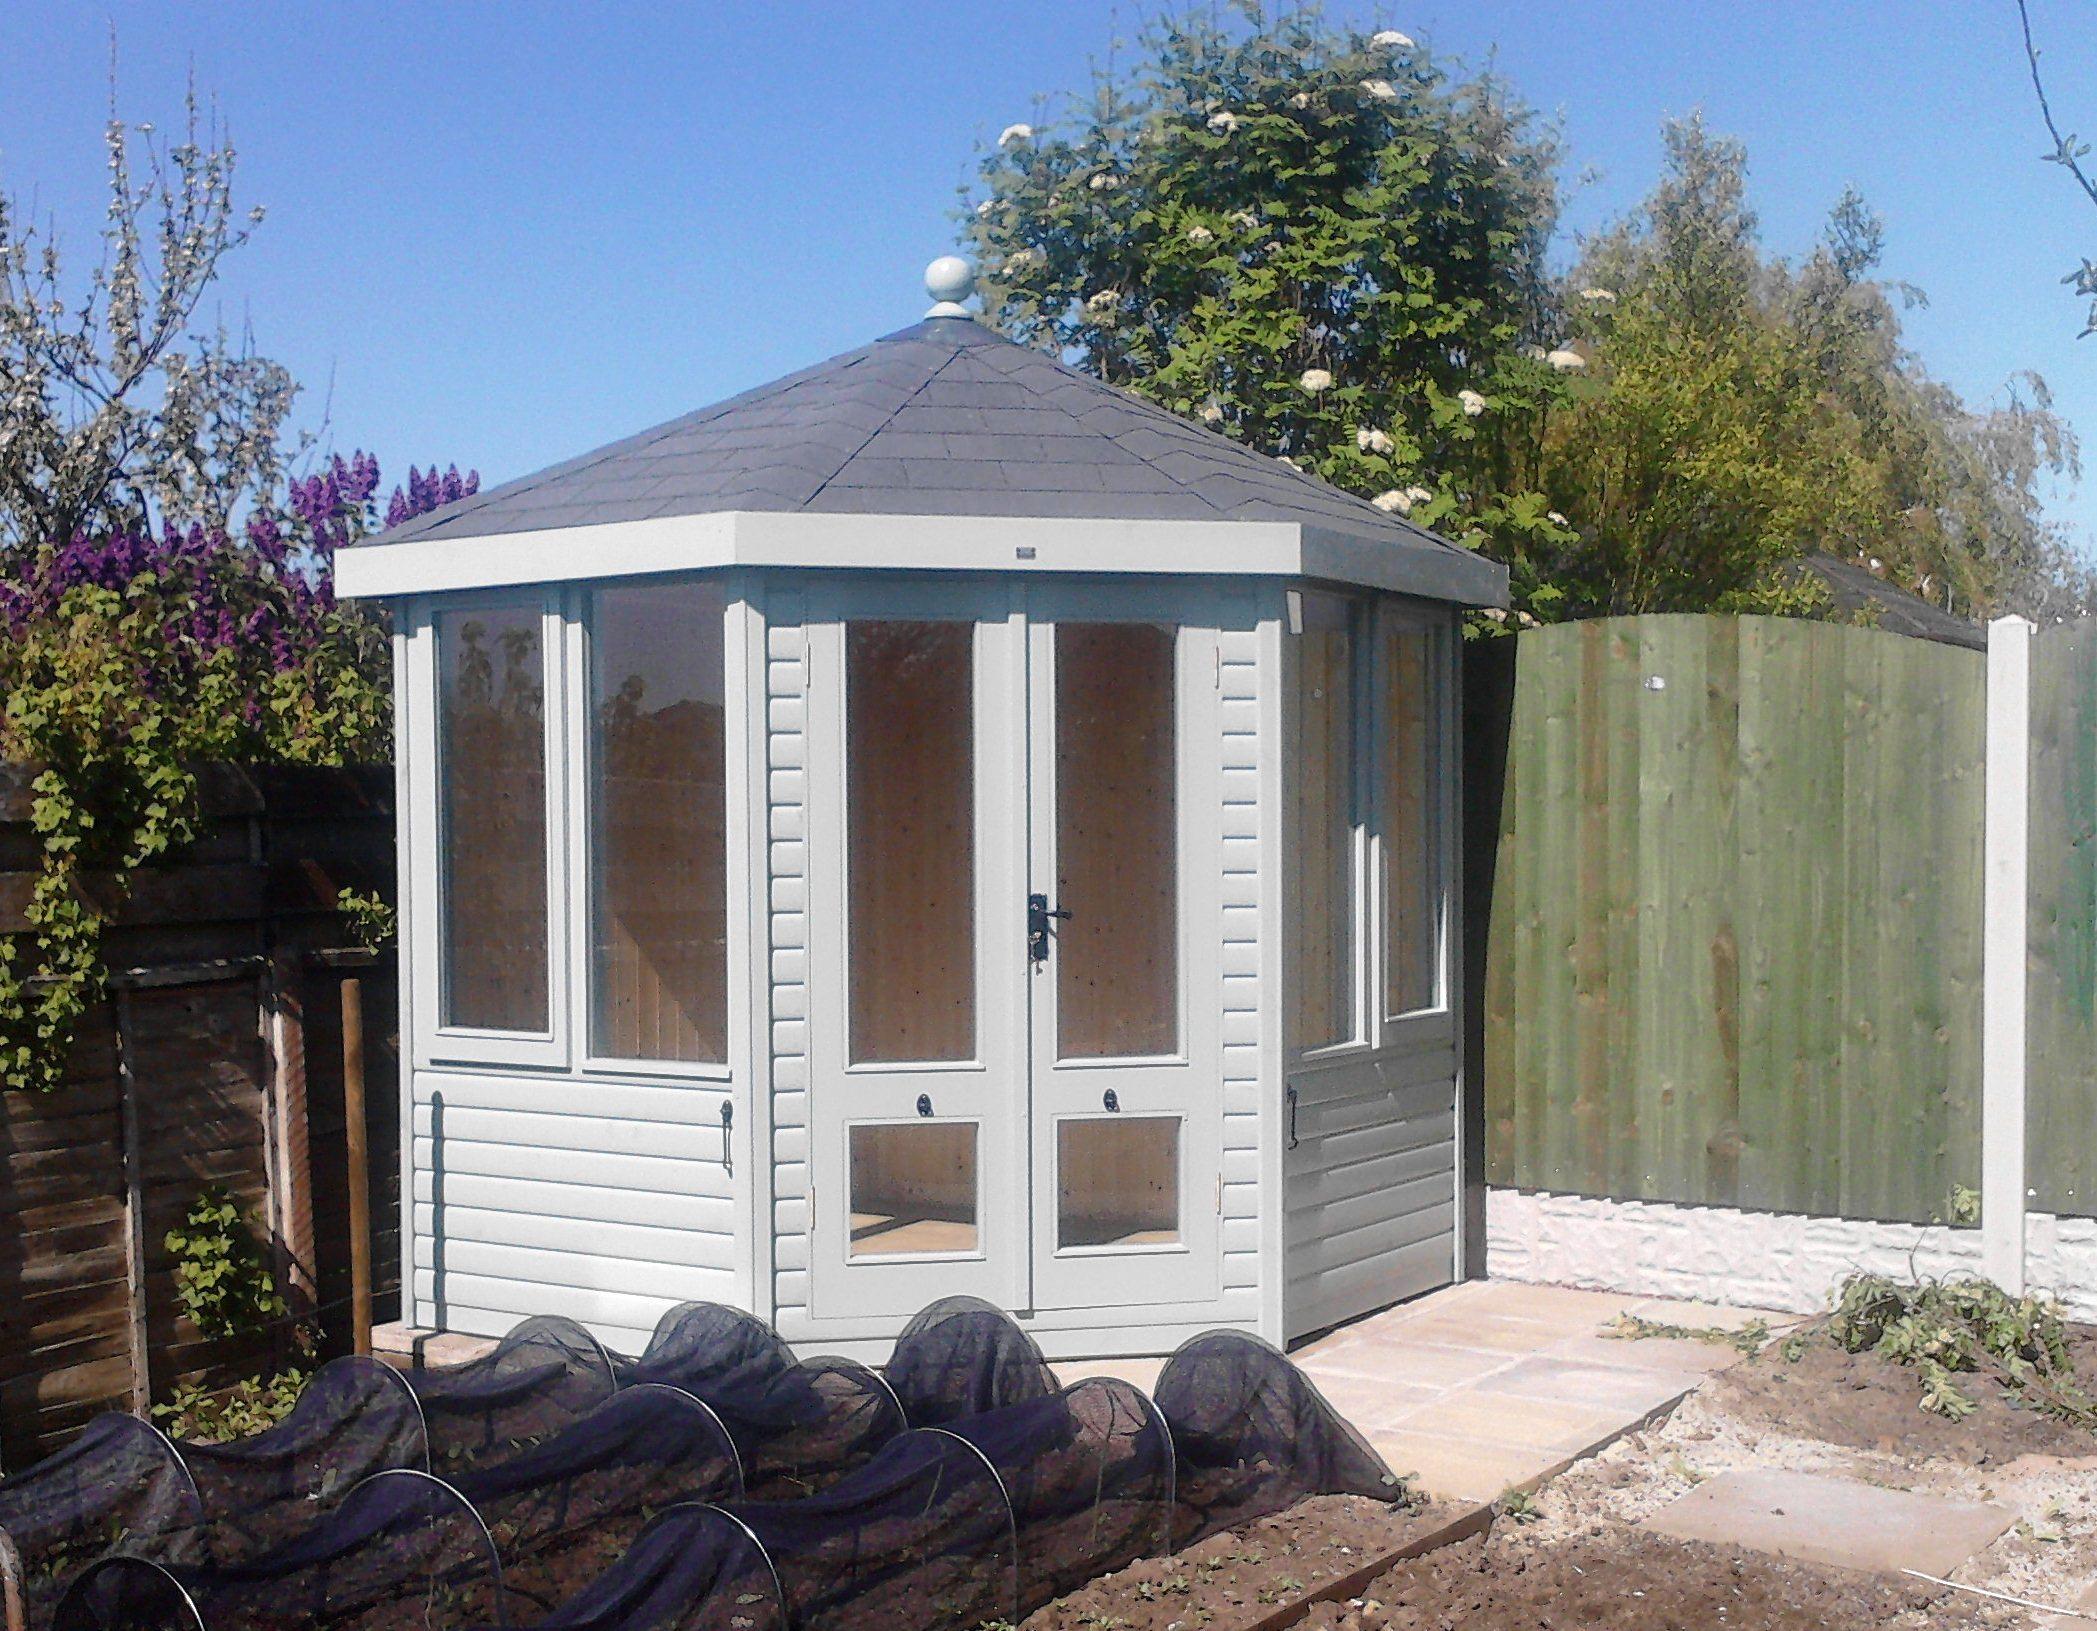 Morton garden buildings ltd cumbria gazebos garden for Summer house furniture ideas